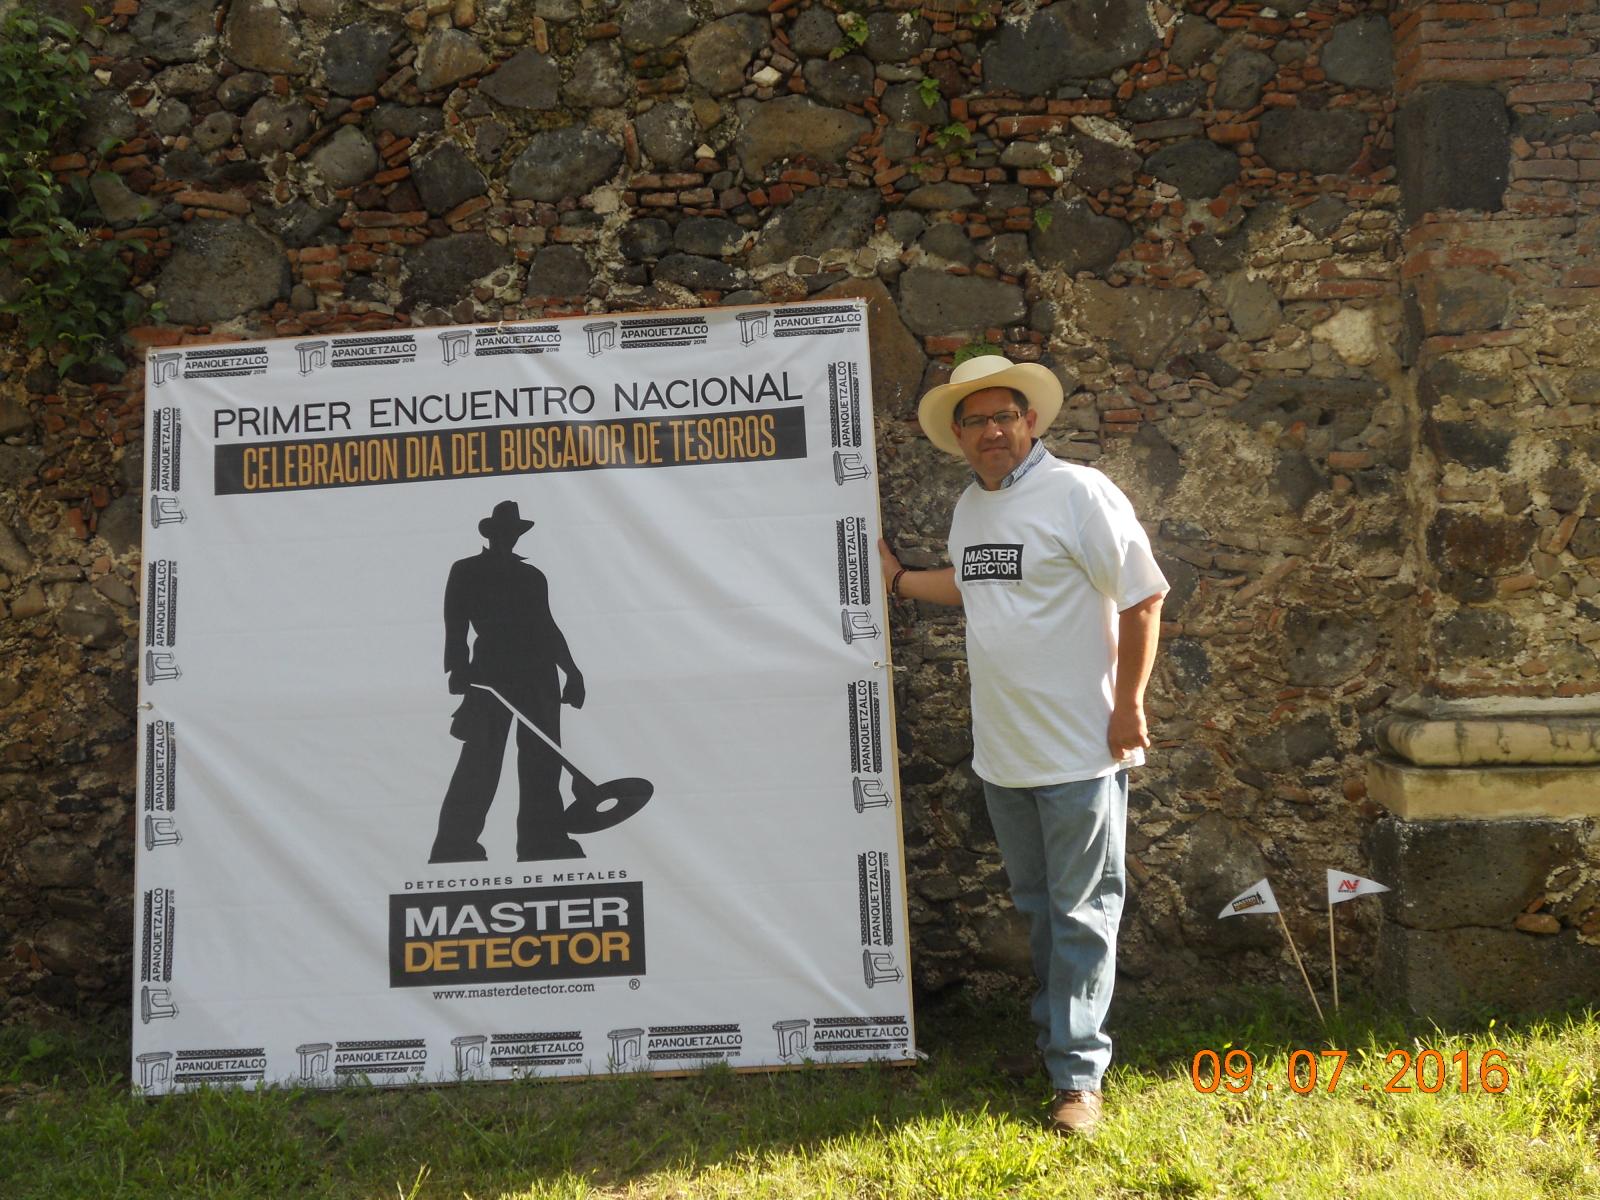 PRIMER ENCUENTRO NACIONAL DE BUSCADORES DE TESOROS 15rcx7d